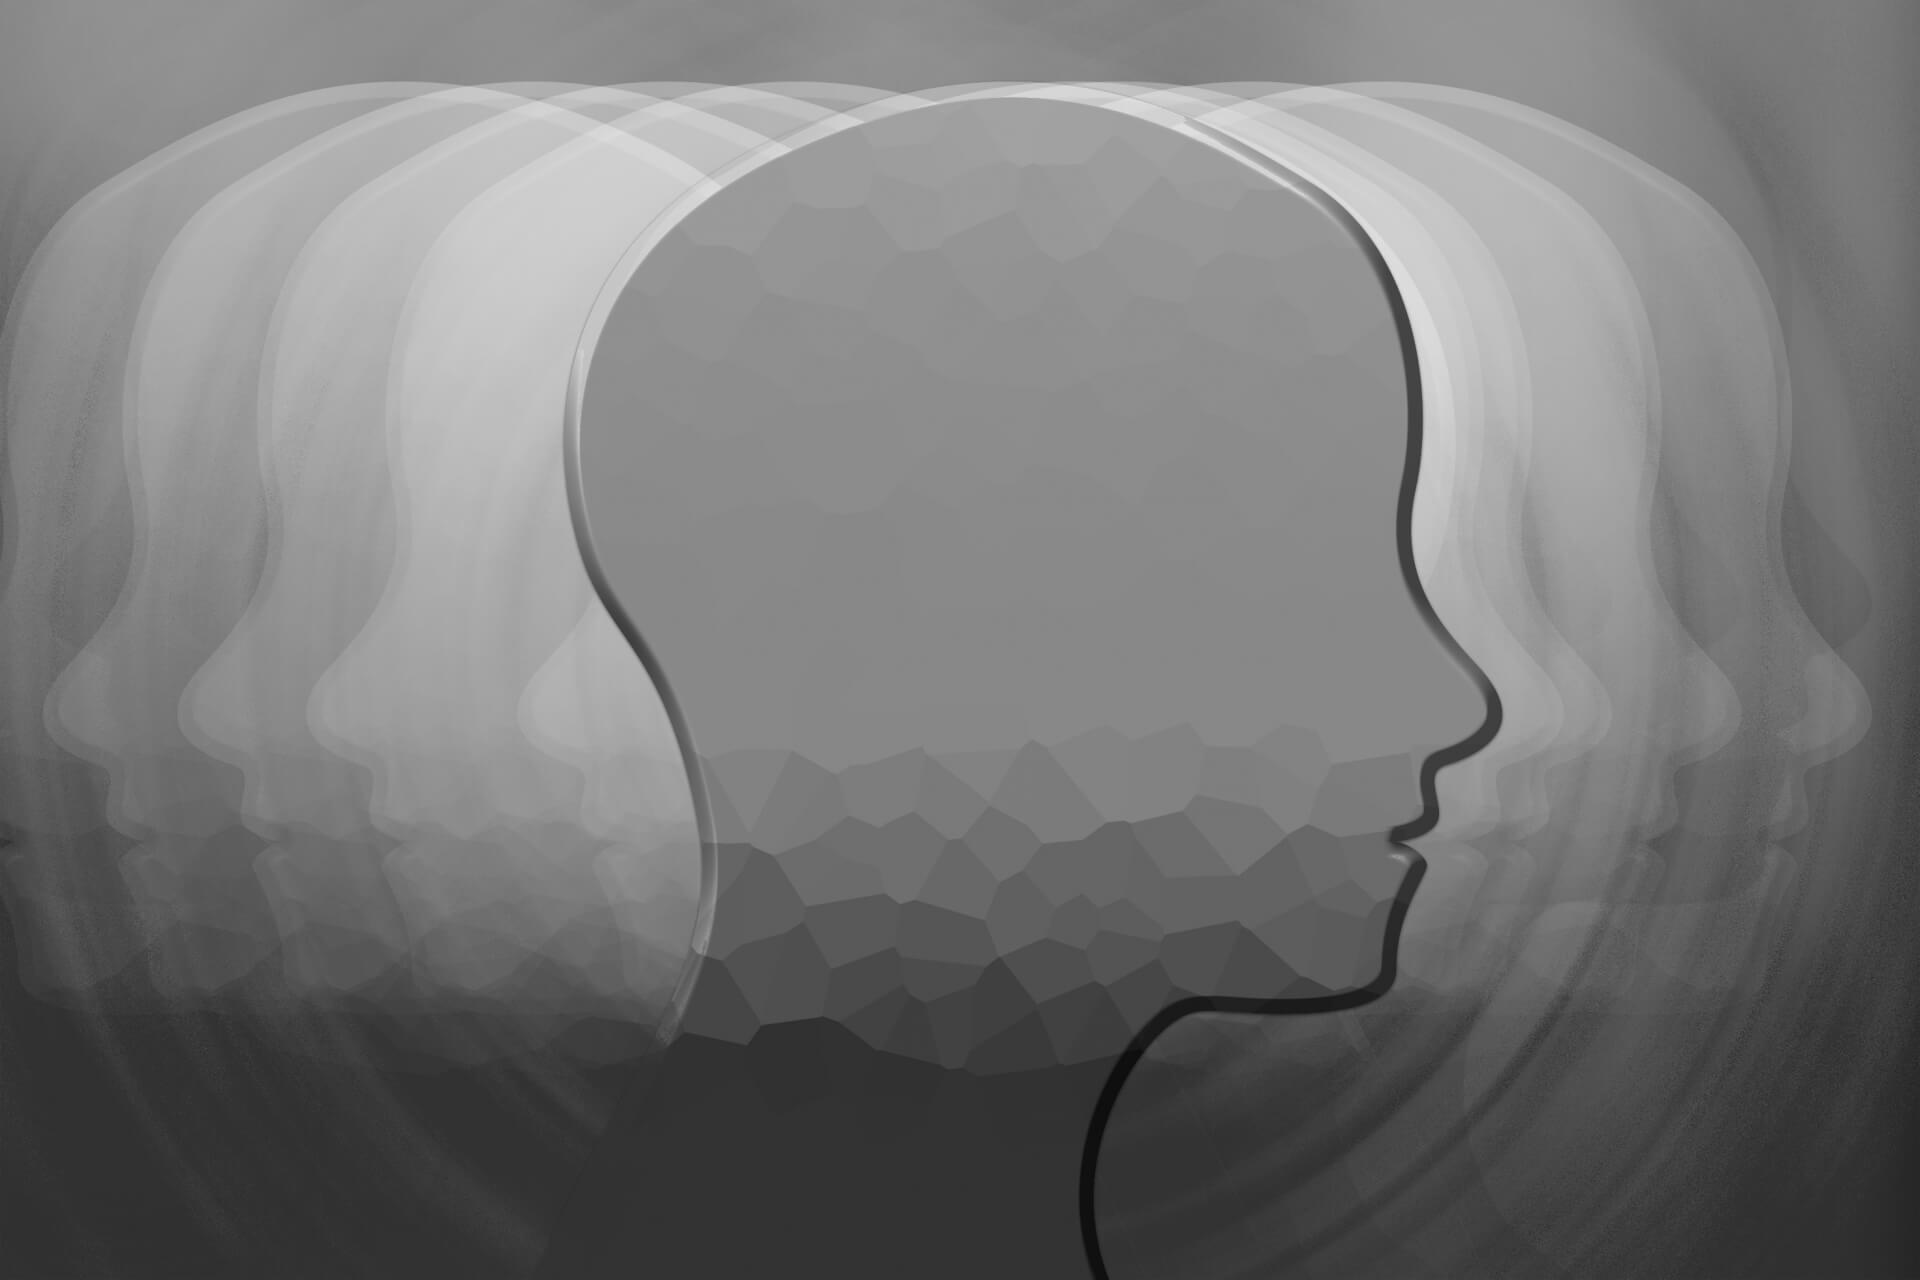 潜在意識 アファメーション